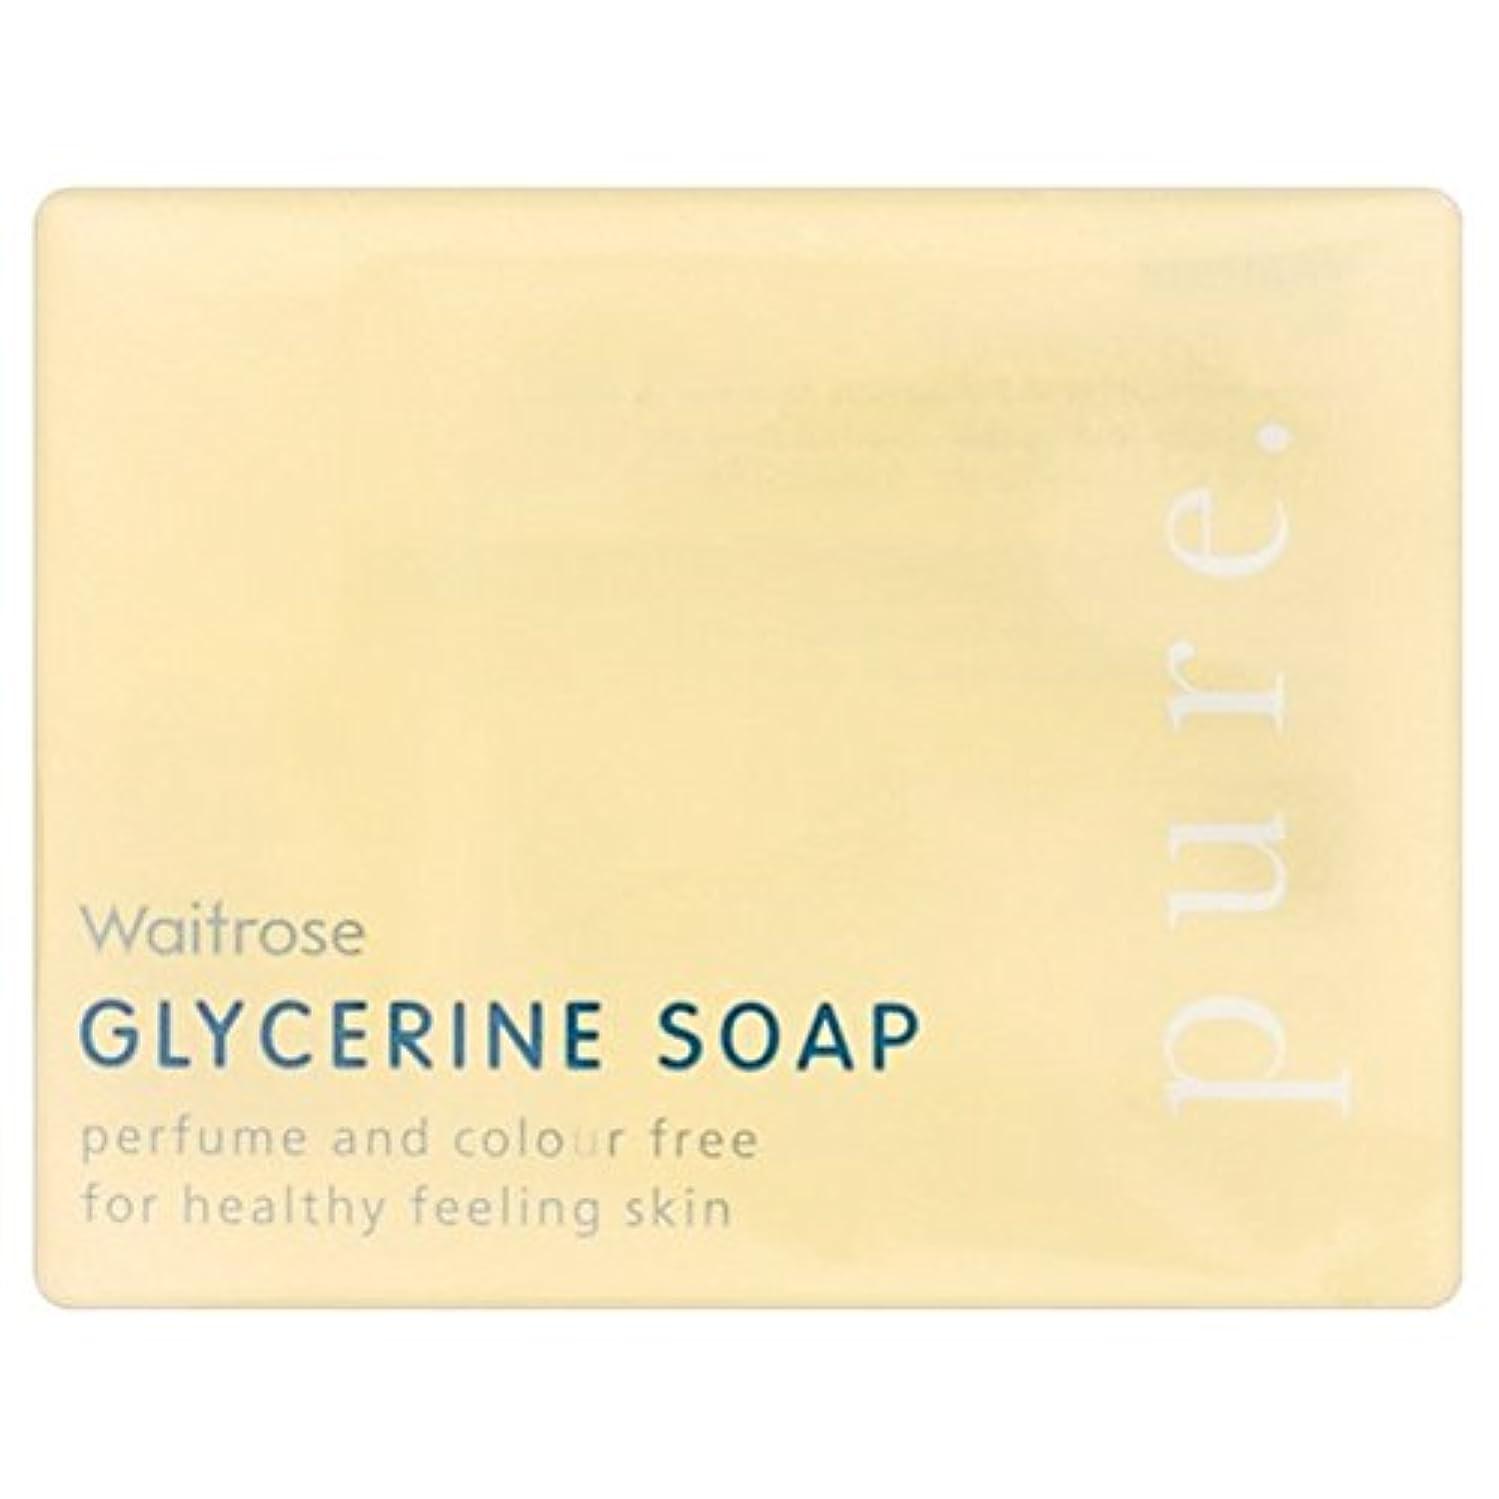 火山学者洗練不明瞭純粋なグリセリンソープウェイトローズの100グラム x4 - Pure Glycerine Soap Waitrose 100g (Pack of 4) [並行輸入品]